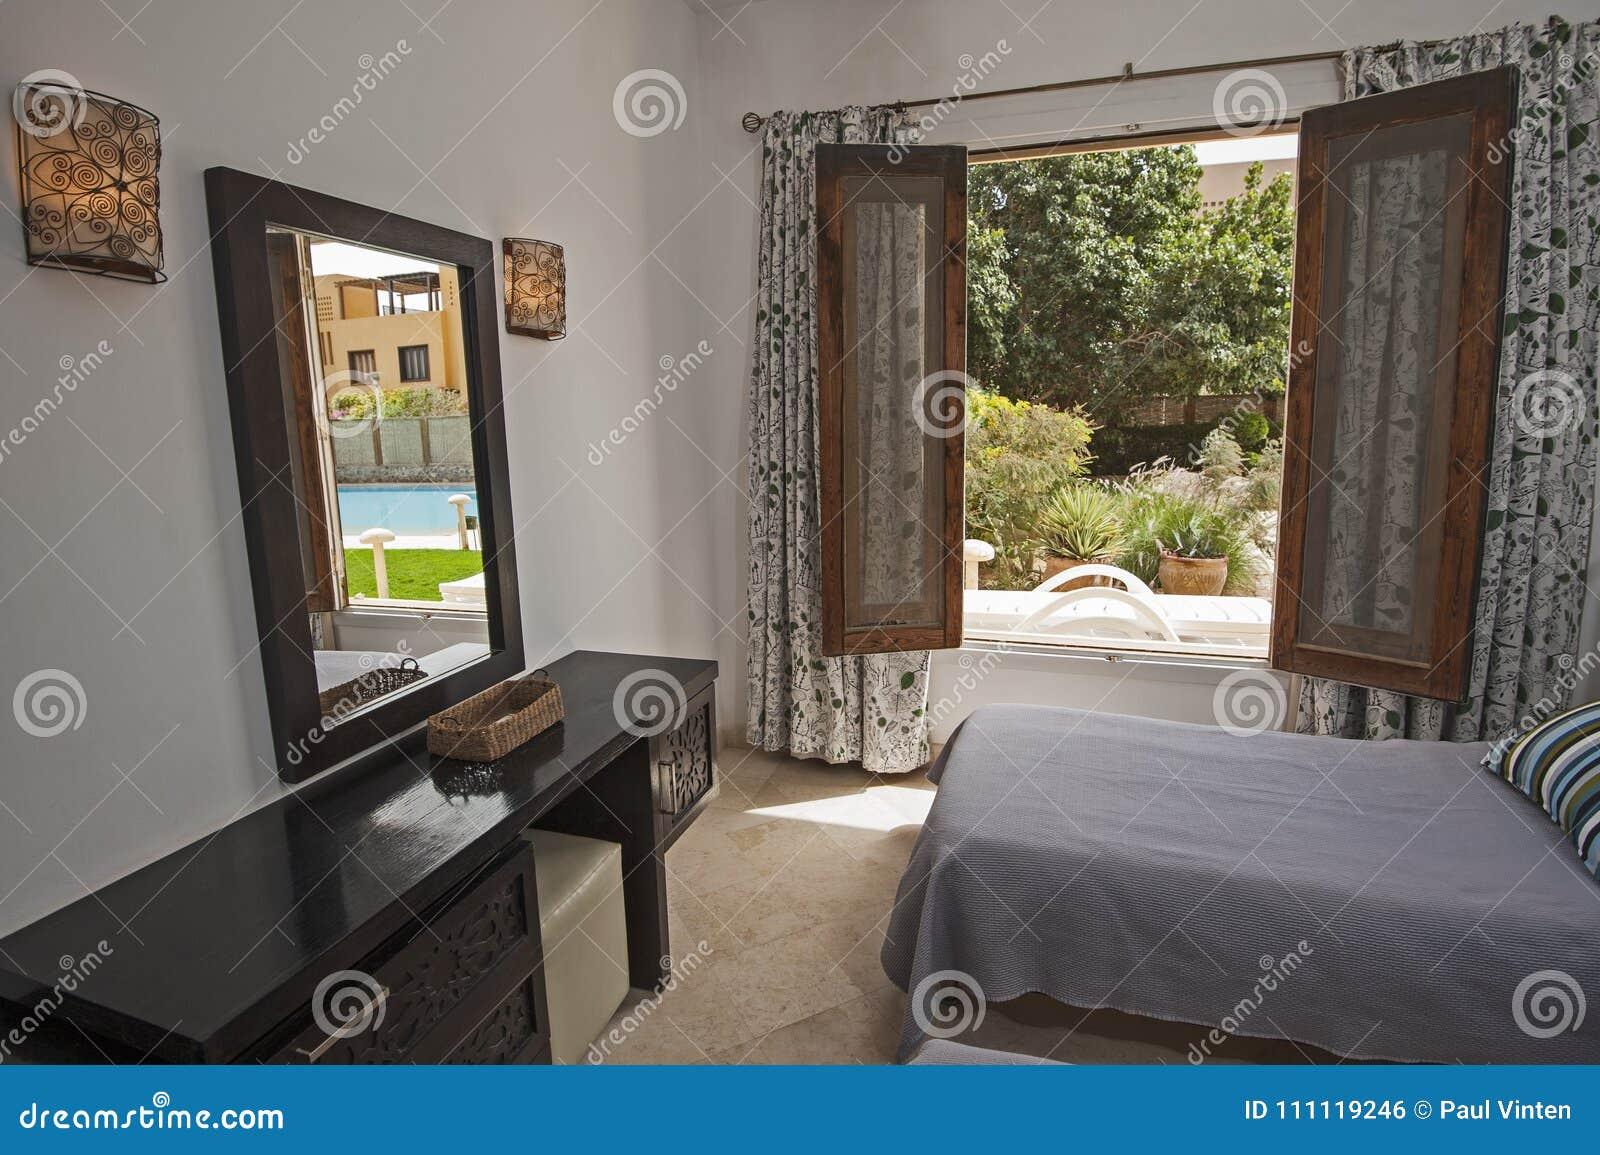 Interior Design Of Bedroom In Luxury Villa With Garden View Stock ...